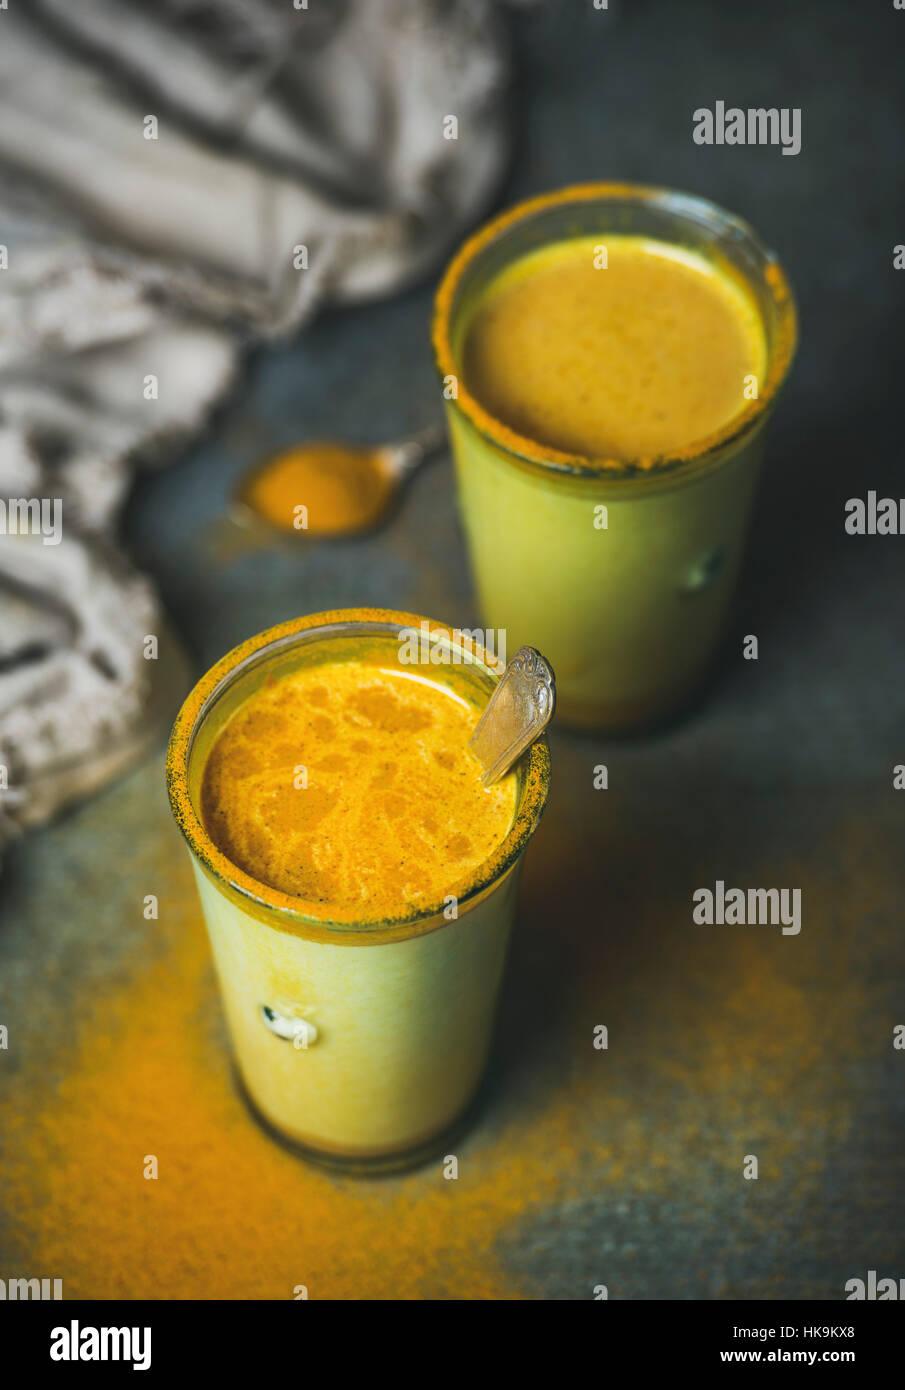 Poudre de curcuma avec du lait d'or dans les verres sur fond sombre. La santé et de l'énergie Photo Stock